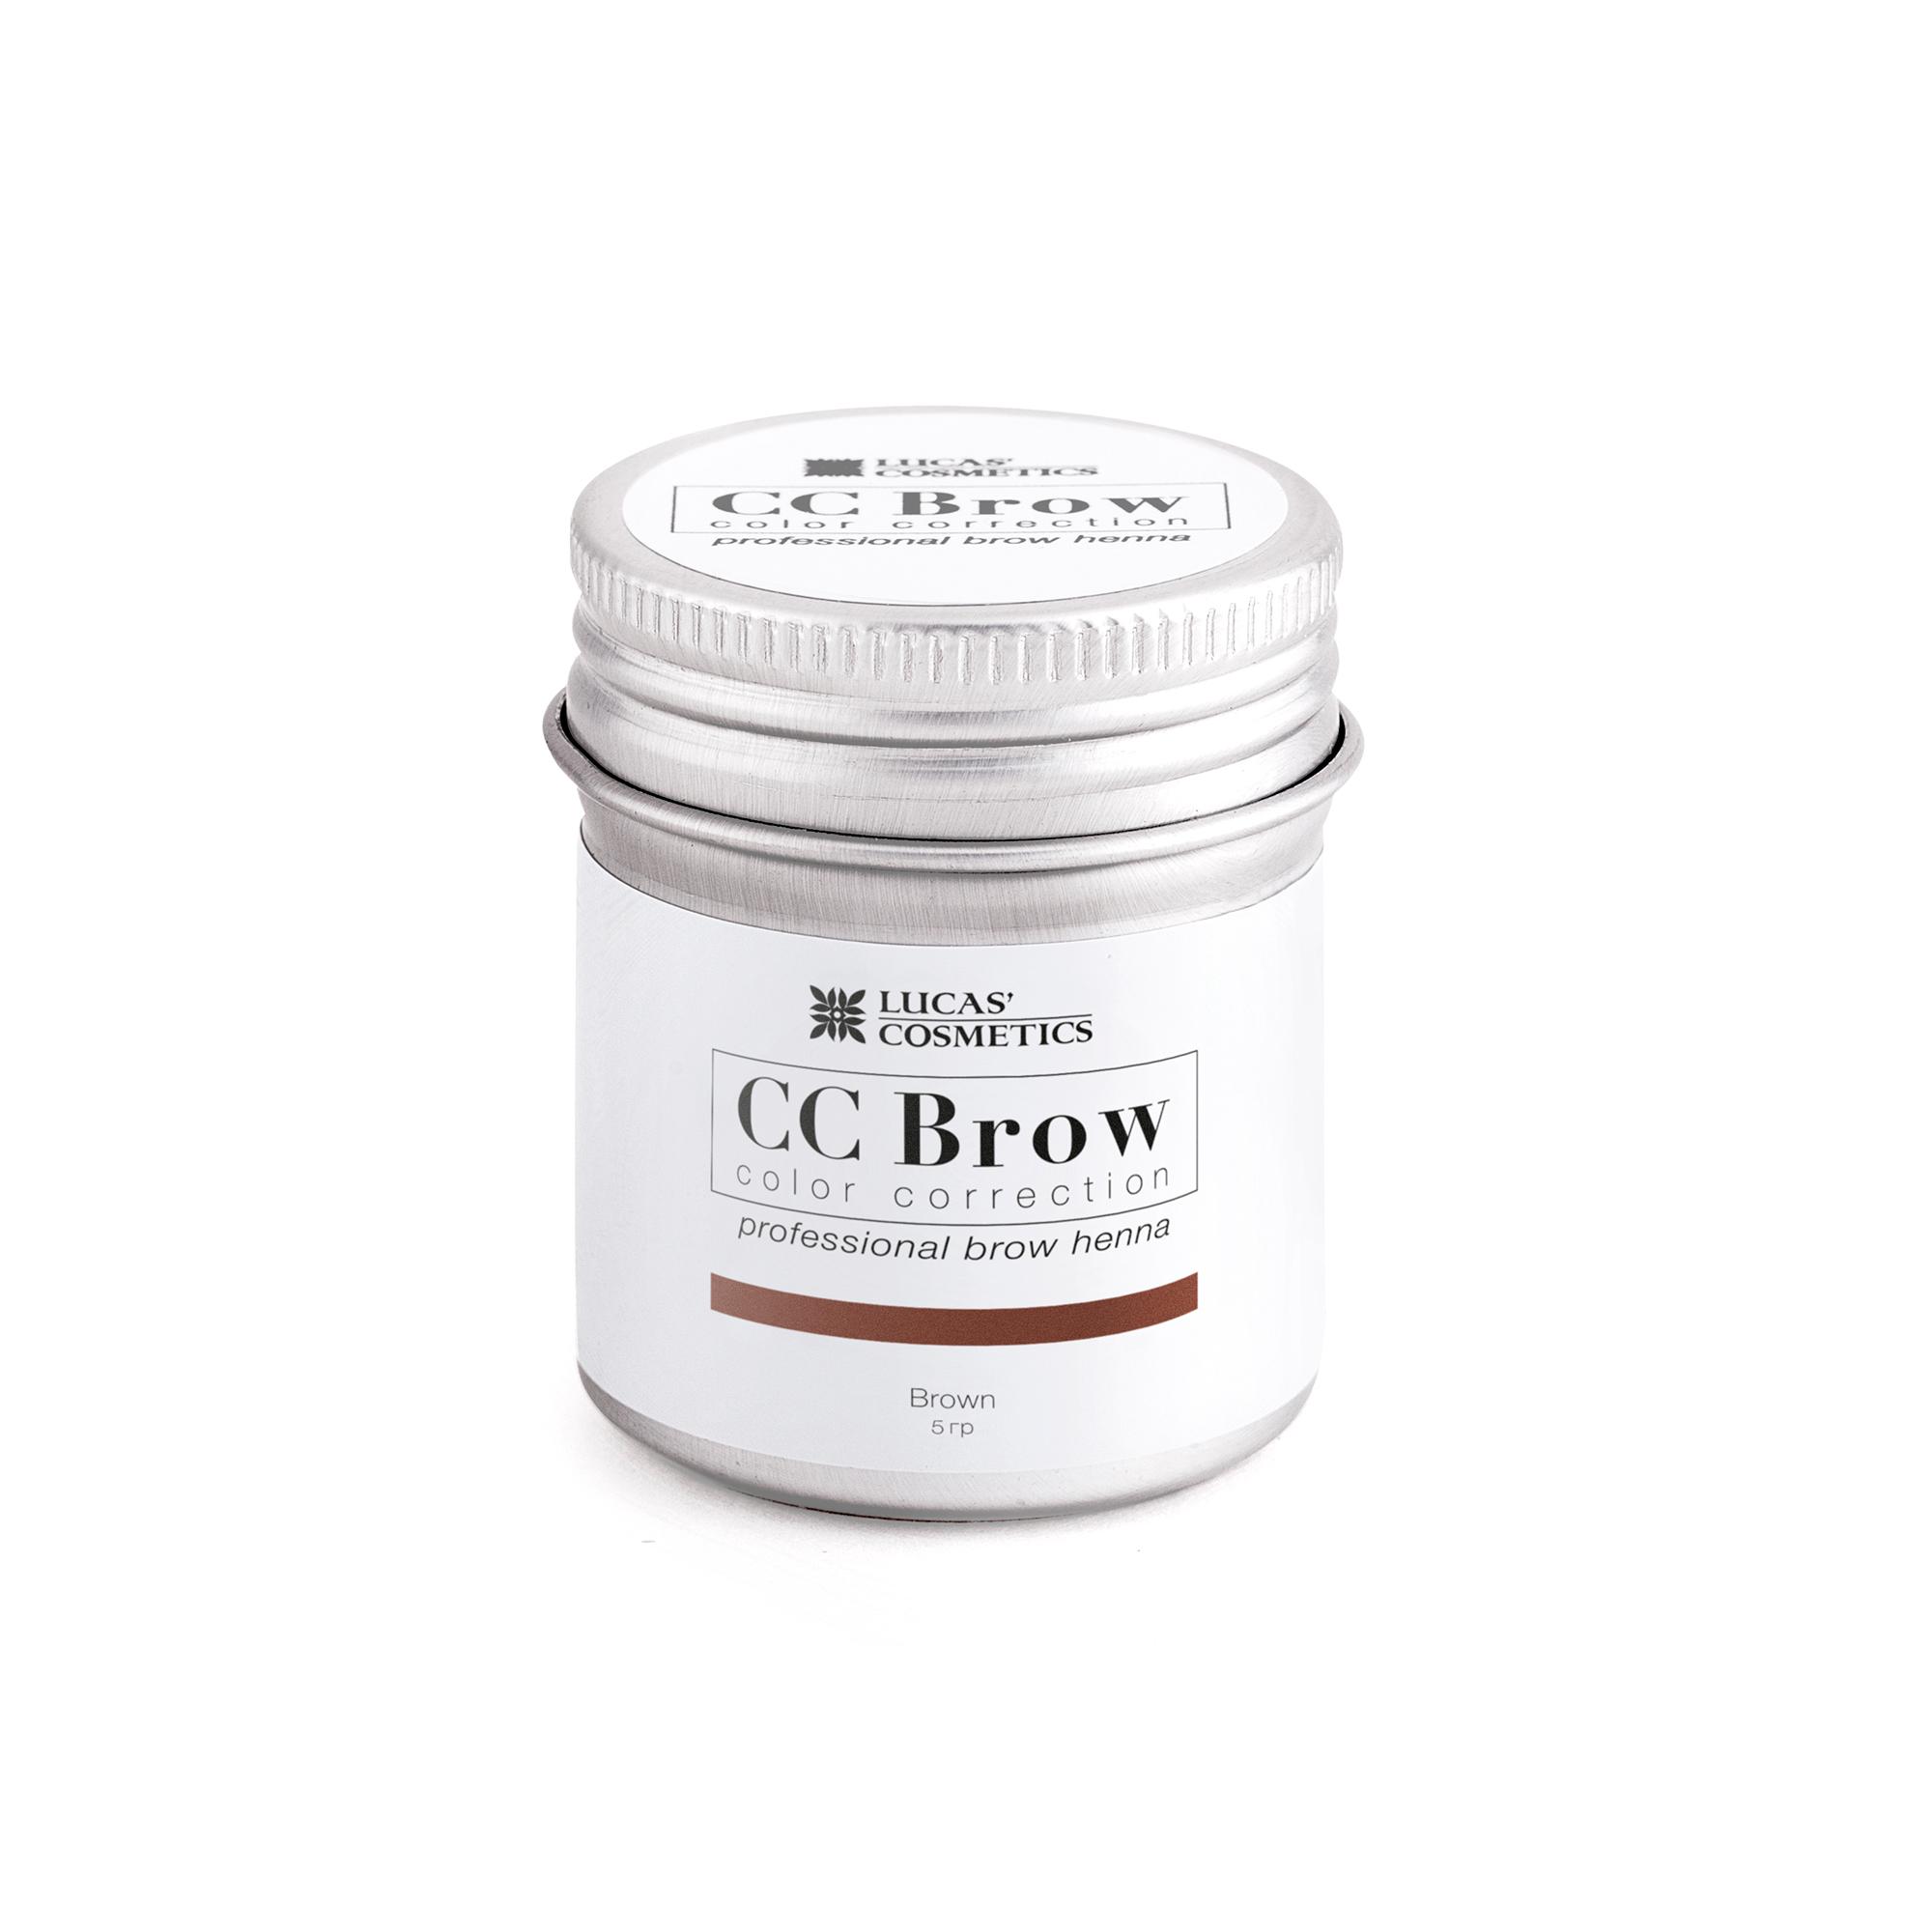 LUCAS' COSMETICS Хна для бровей в баночке (коричневый) / CC Brow (brown), 5 гр